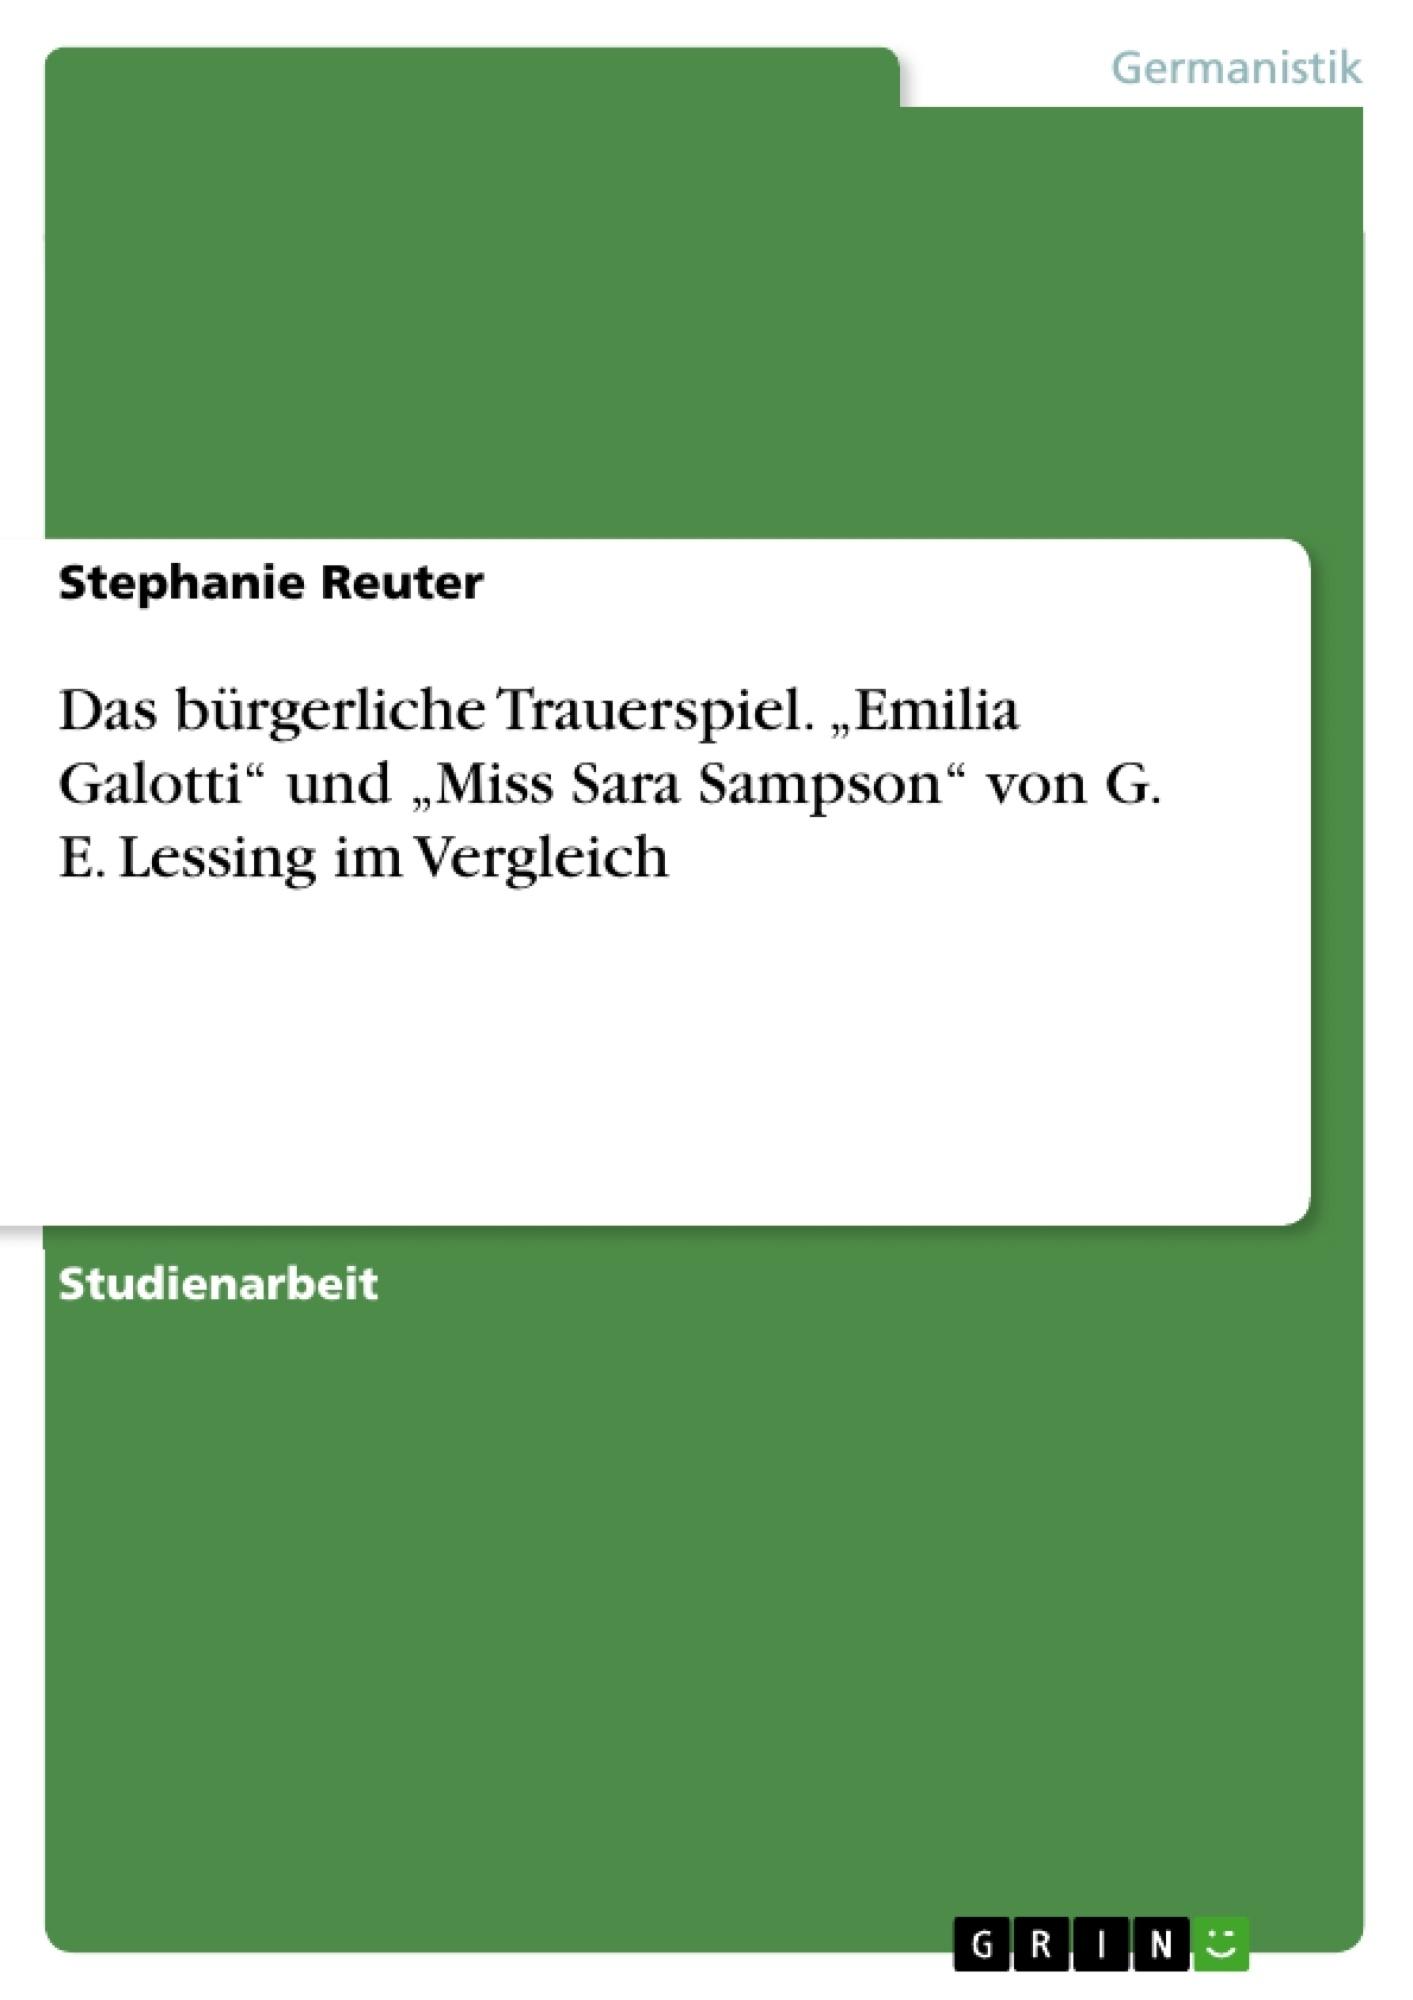 """Titel: Das bürgerliche Trauerspiel. """"Emilia Galotti"""" und """"Miss Sara Sampson""""  von G. E. Lessing im Vergleich"""